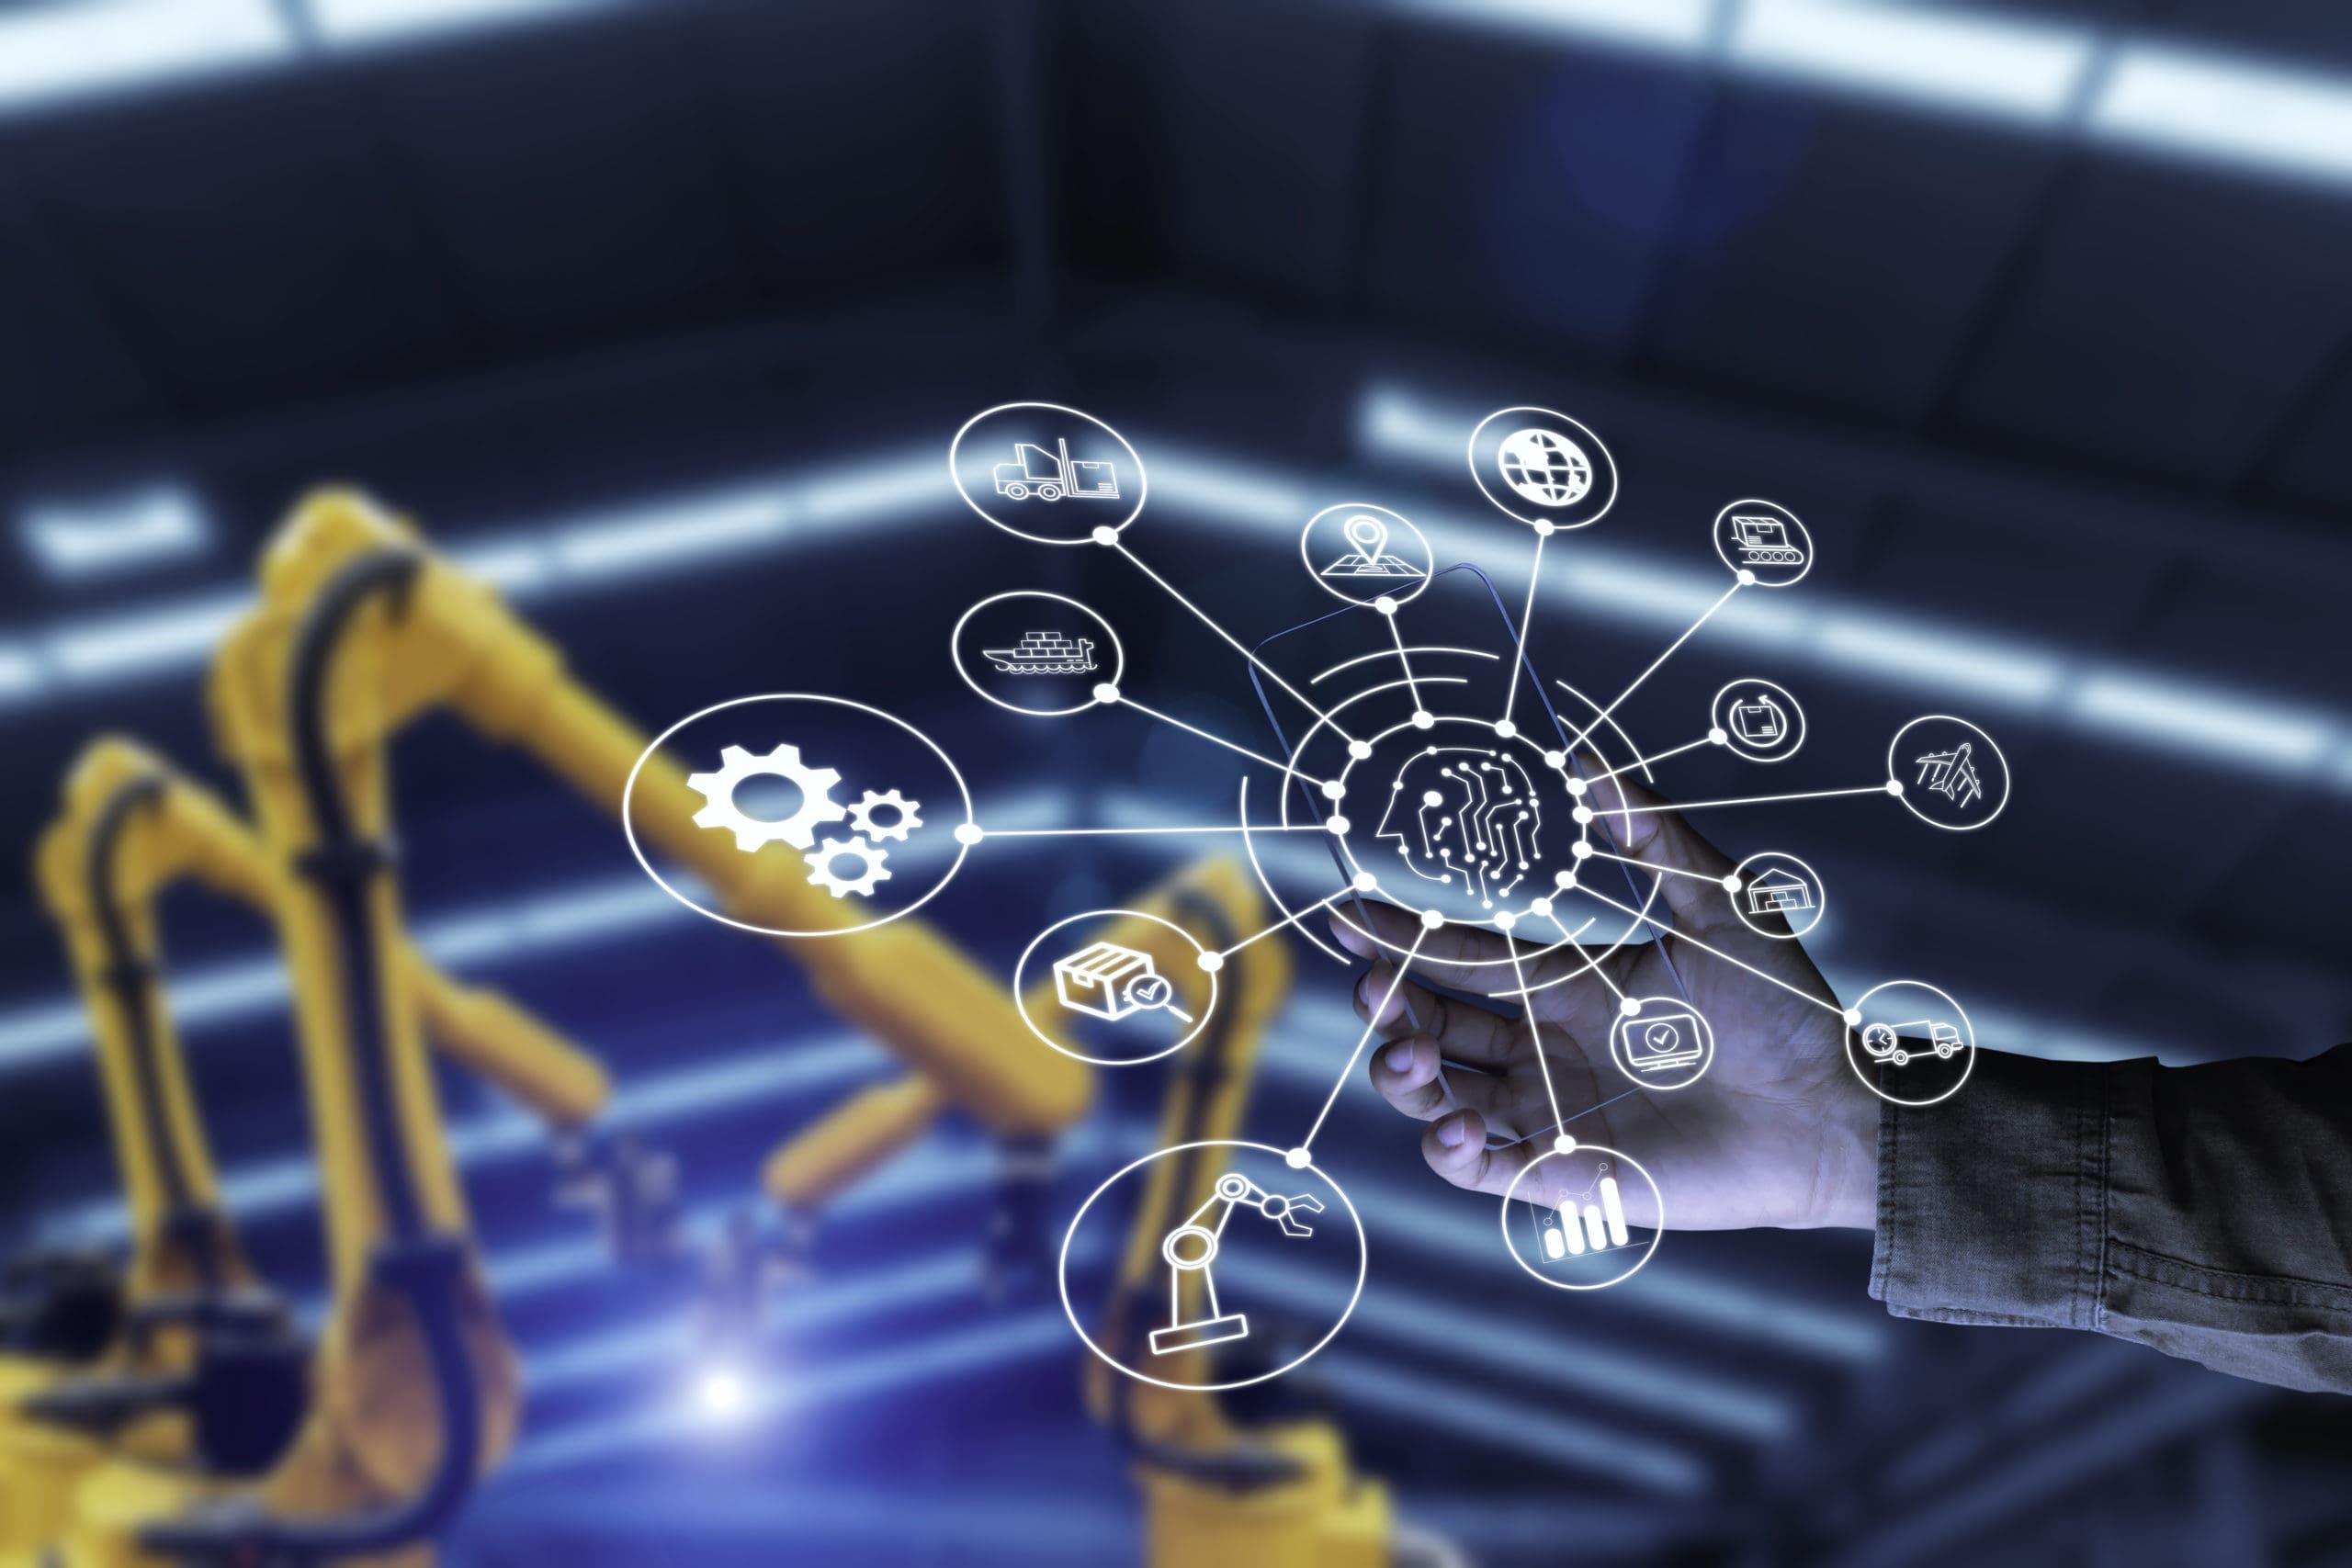 Integração de aplicações: como a estratégia aumenta a produtividade nas empresas